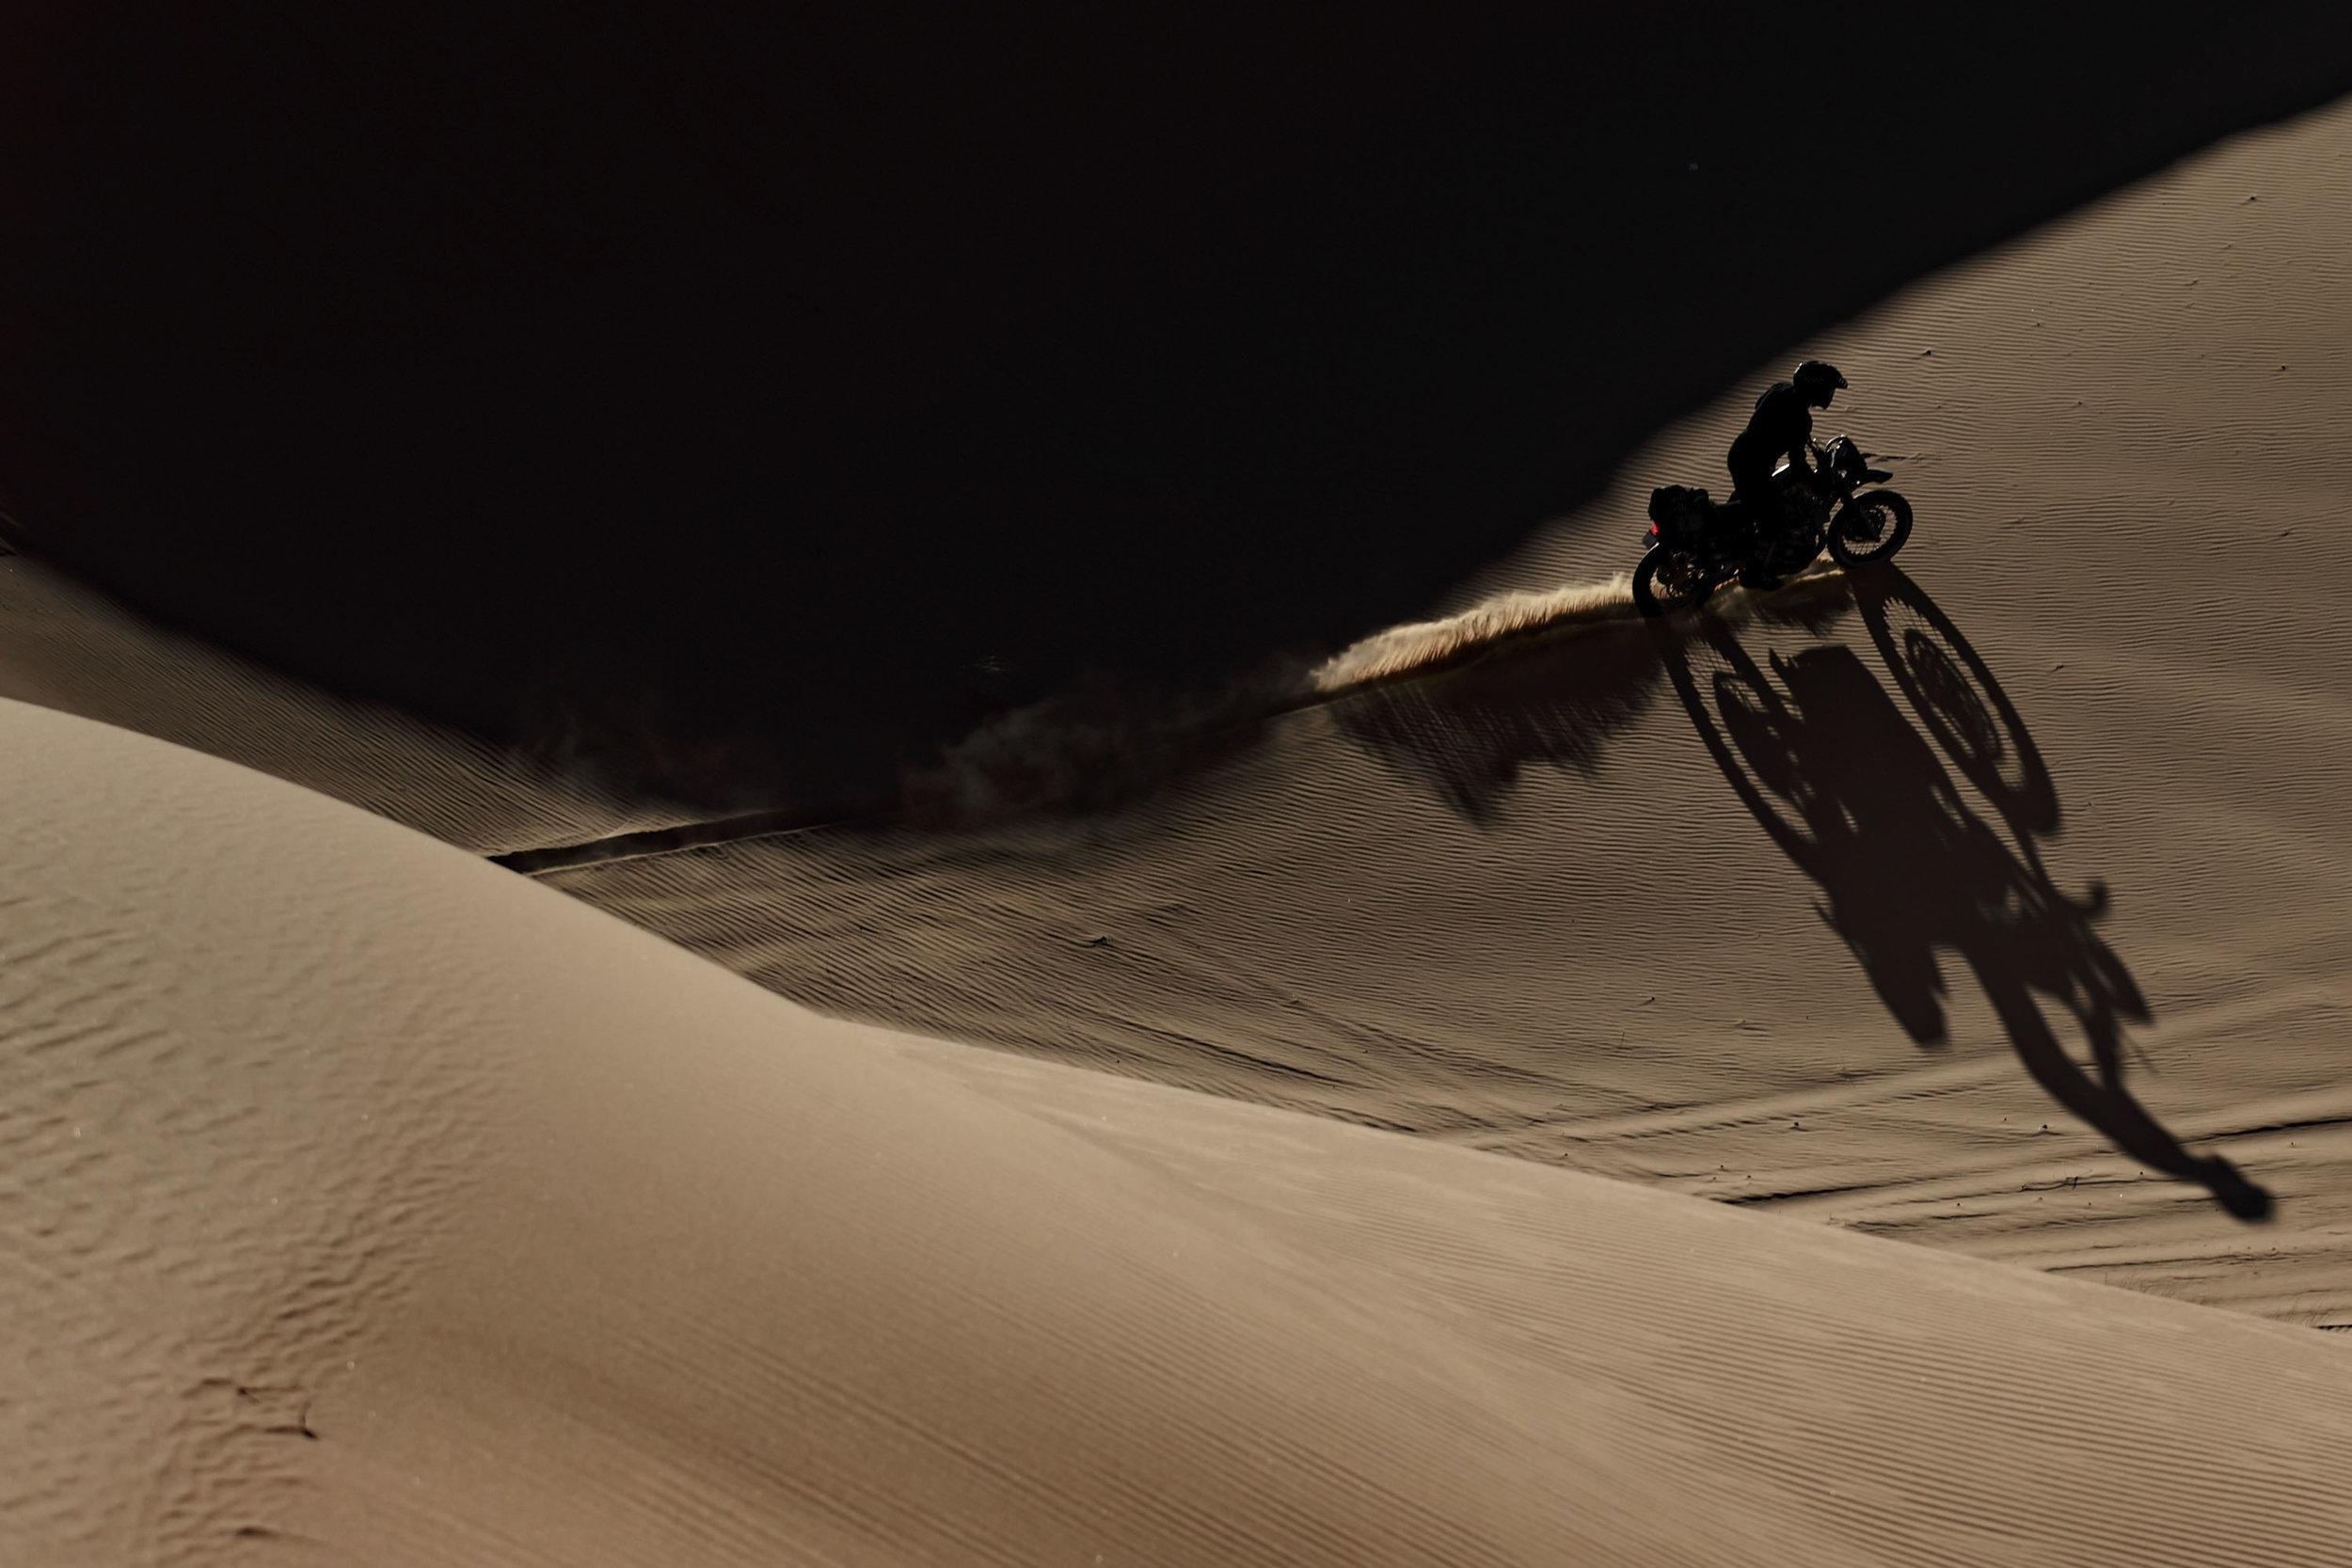 elsolitario-desert-wolves-HD-12.jpg